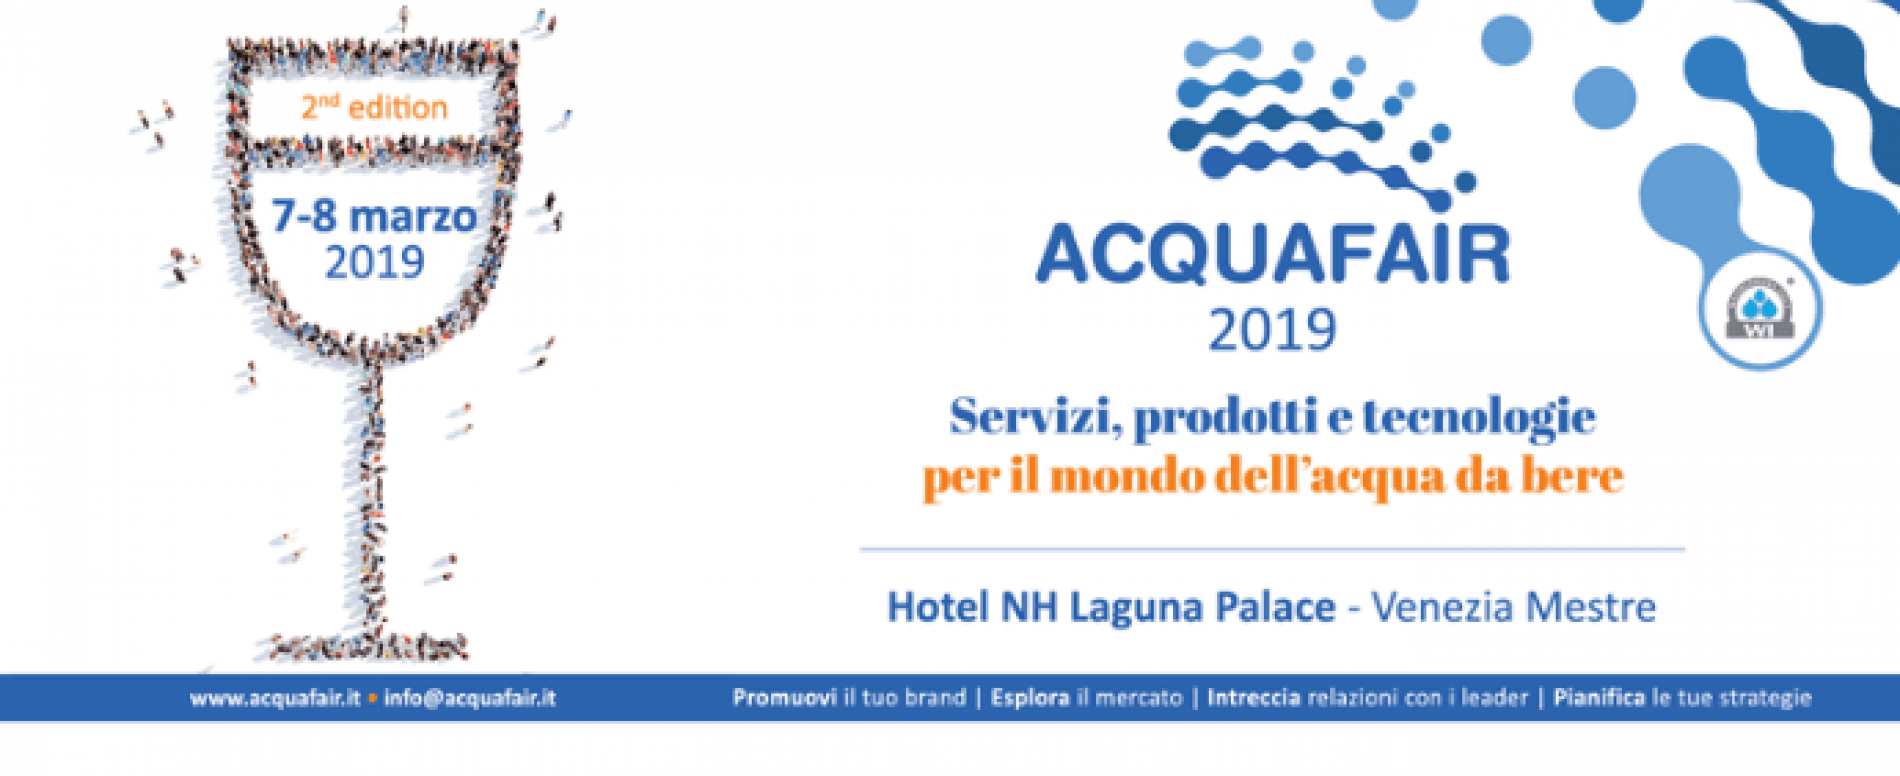 Al via oggi Acquafair 2019: in programma 7 e 8 marzo a Venezia